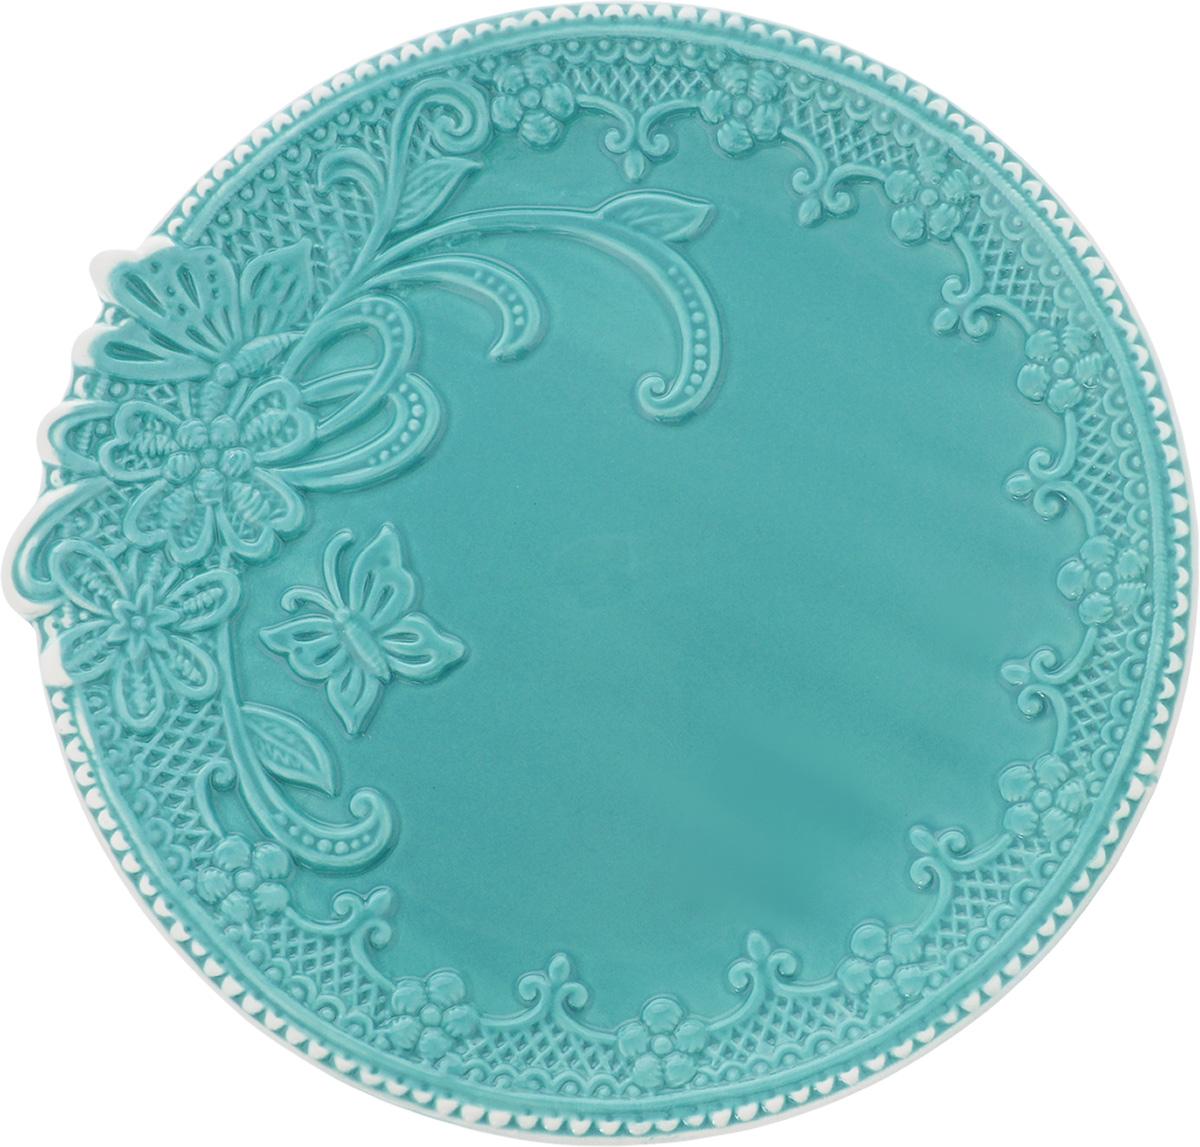 Блюдо Azur, цвет: бирюзовый, белый, диаметр 26 смVT-1520(SR)Блюдо Azur выполнено из качественной керамики и оформлено рельефным узором.Блюдо Azur доставит истинное удовольствие ценителям прекрасного. Яркий дизайн, несомненно, придется вам по вкусу.